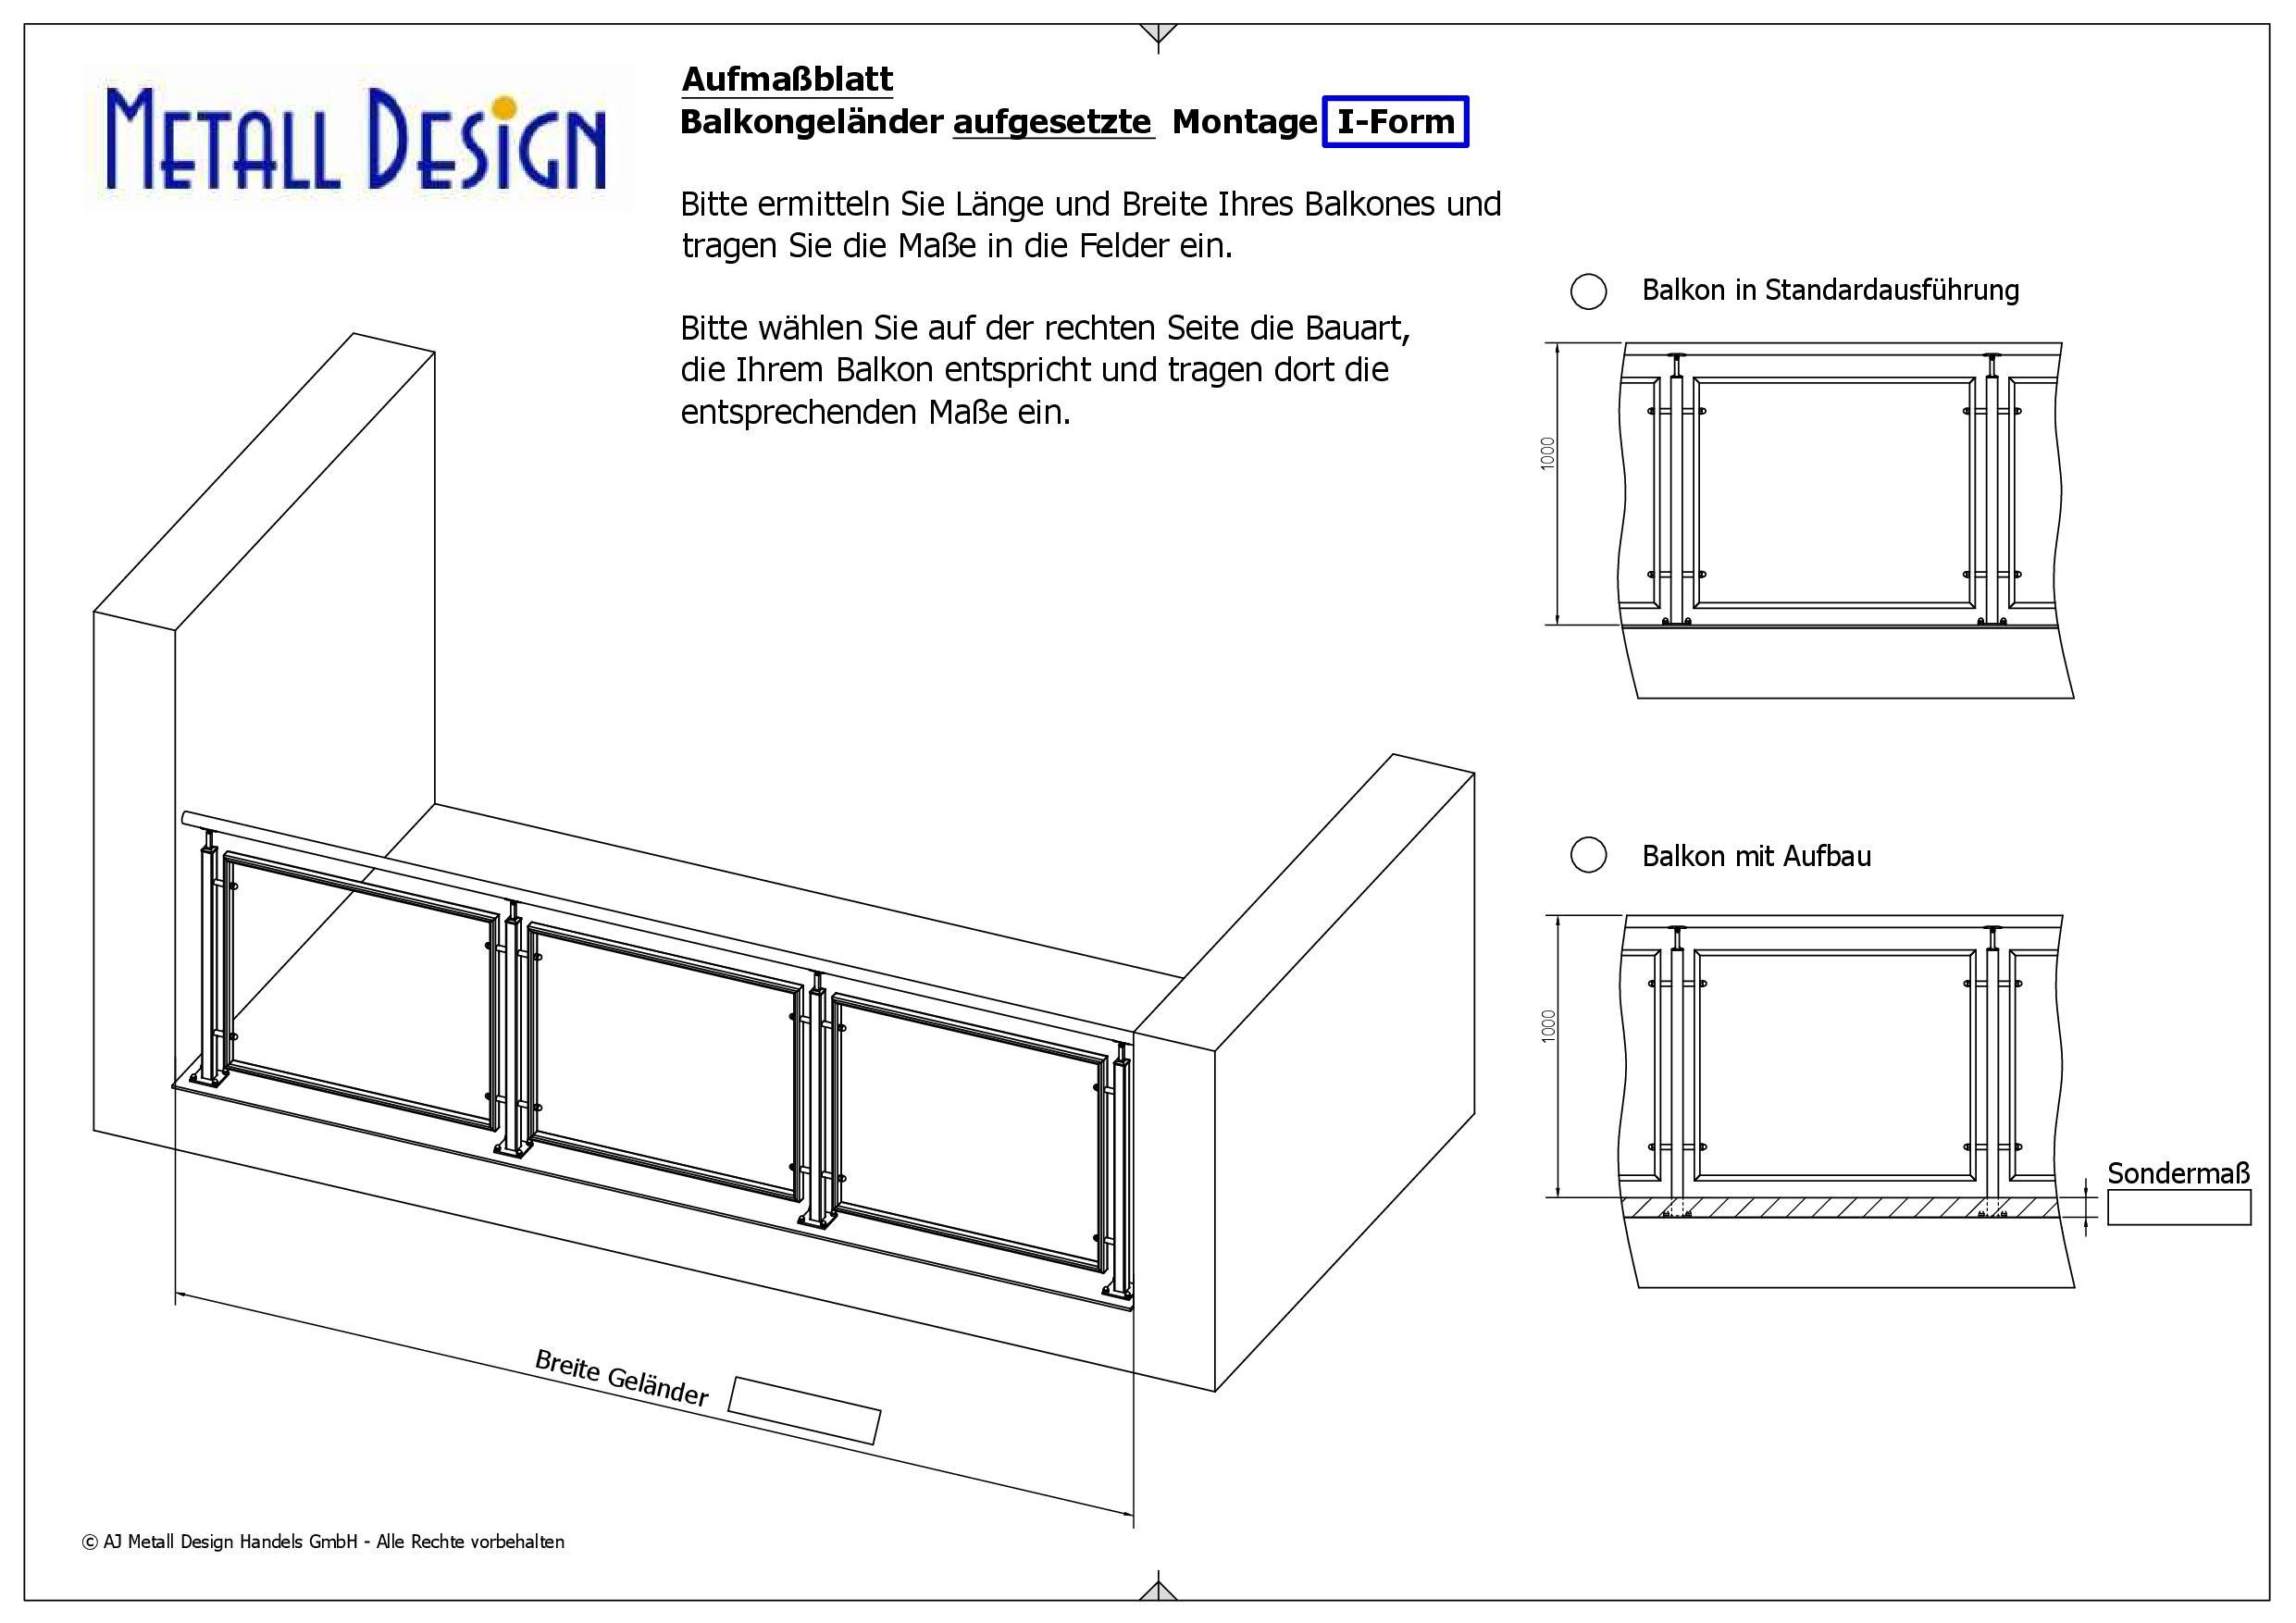 balkongel nder aufgesetzte montage anthrazitgrau ral 7016 deutschland. Black Bedroom Furniture Sets. Home Design Ideas